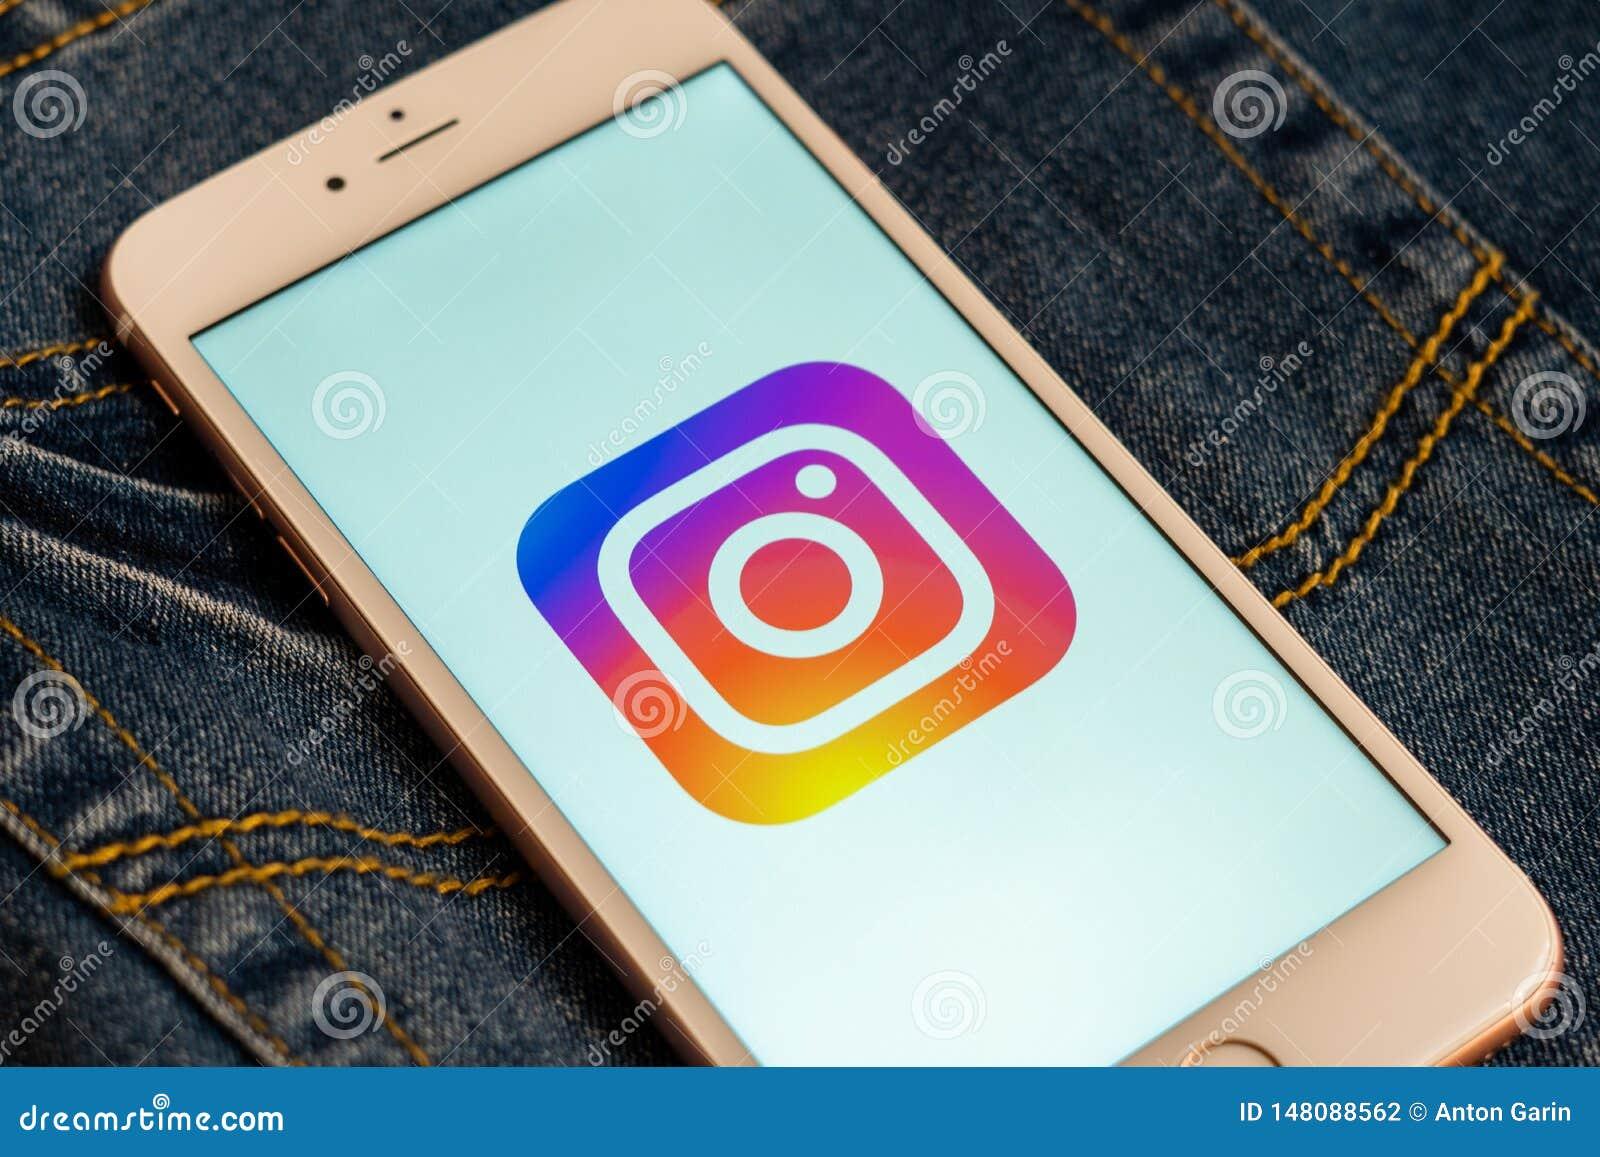 Bia?y telefon z logo og?lnospo?eczny medialny Instagram na ekranie Og?lnospo?eczna medialna ikona